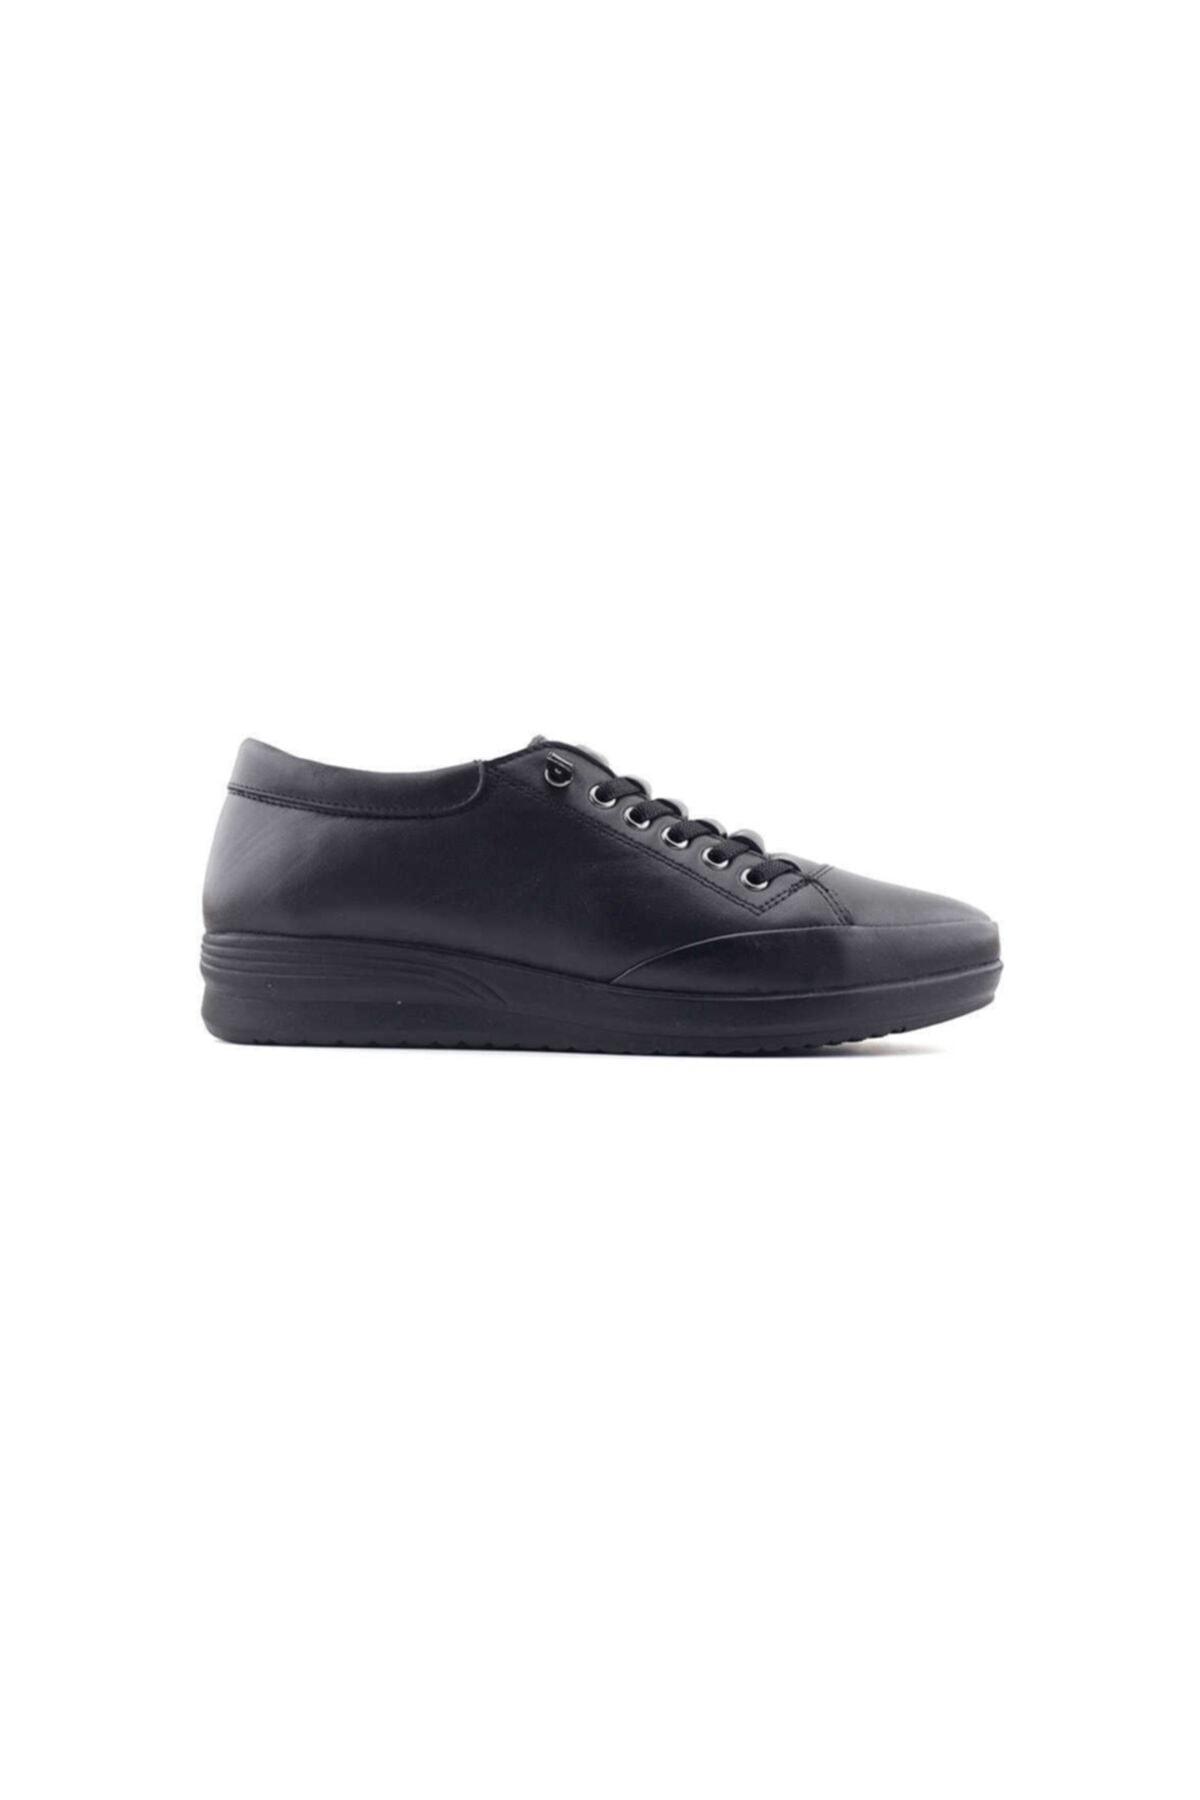 Kayra Kadın Siyah Günlük Ayakkabı 1